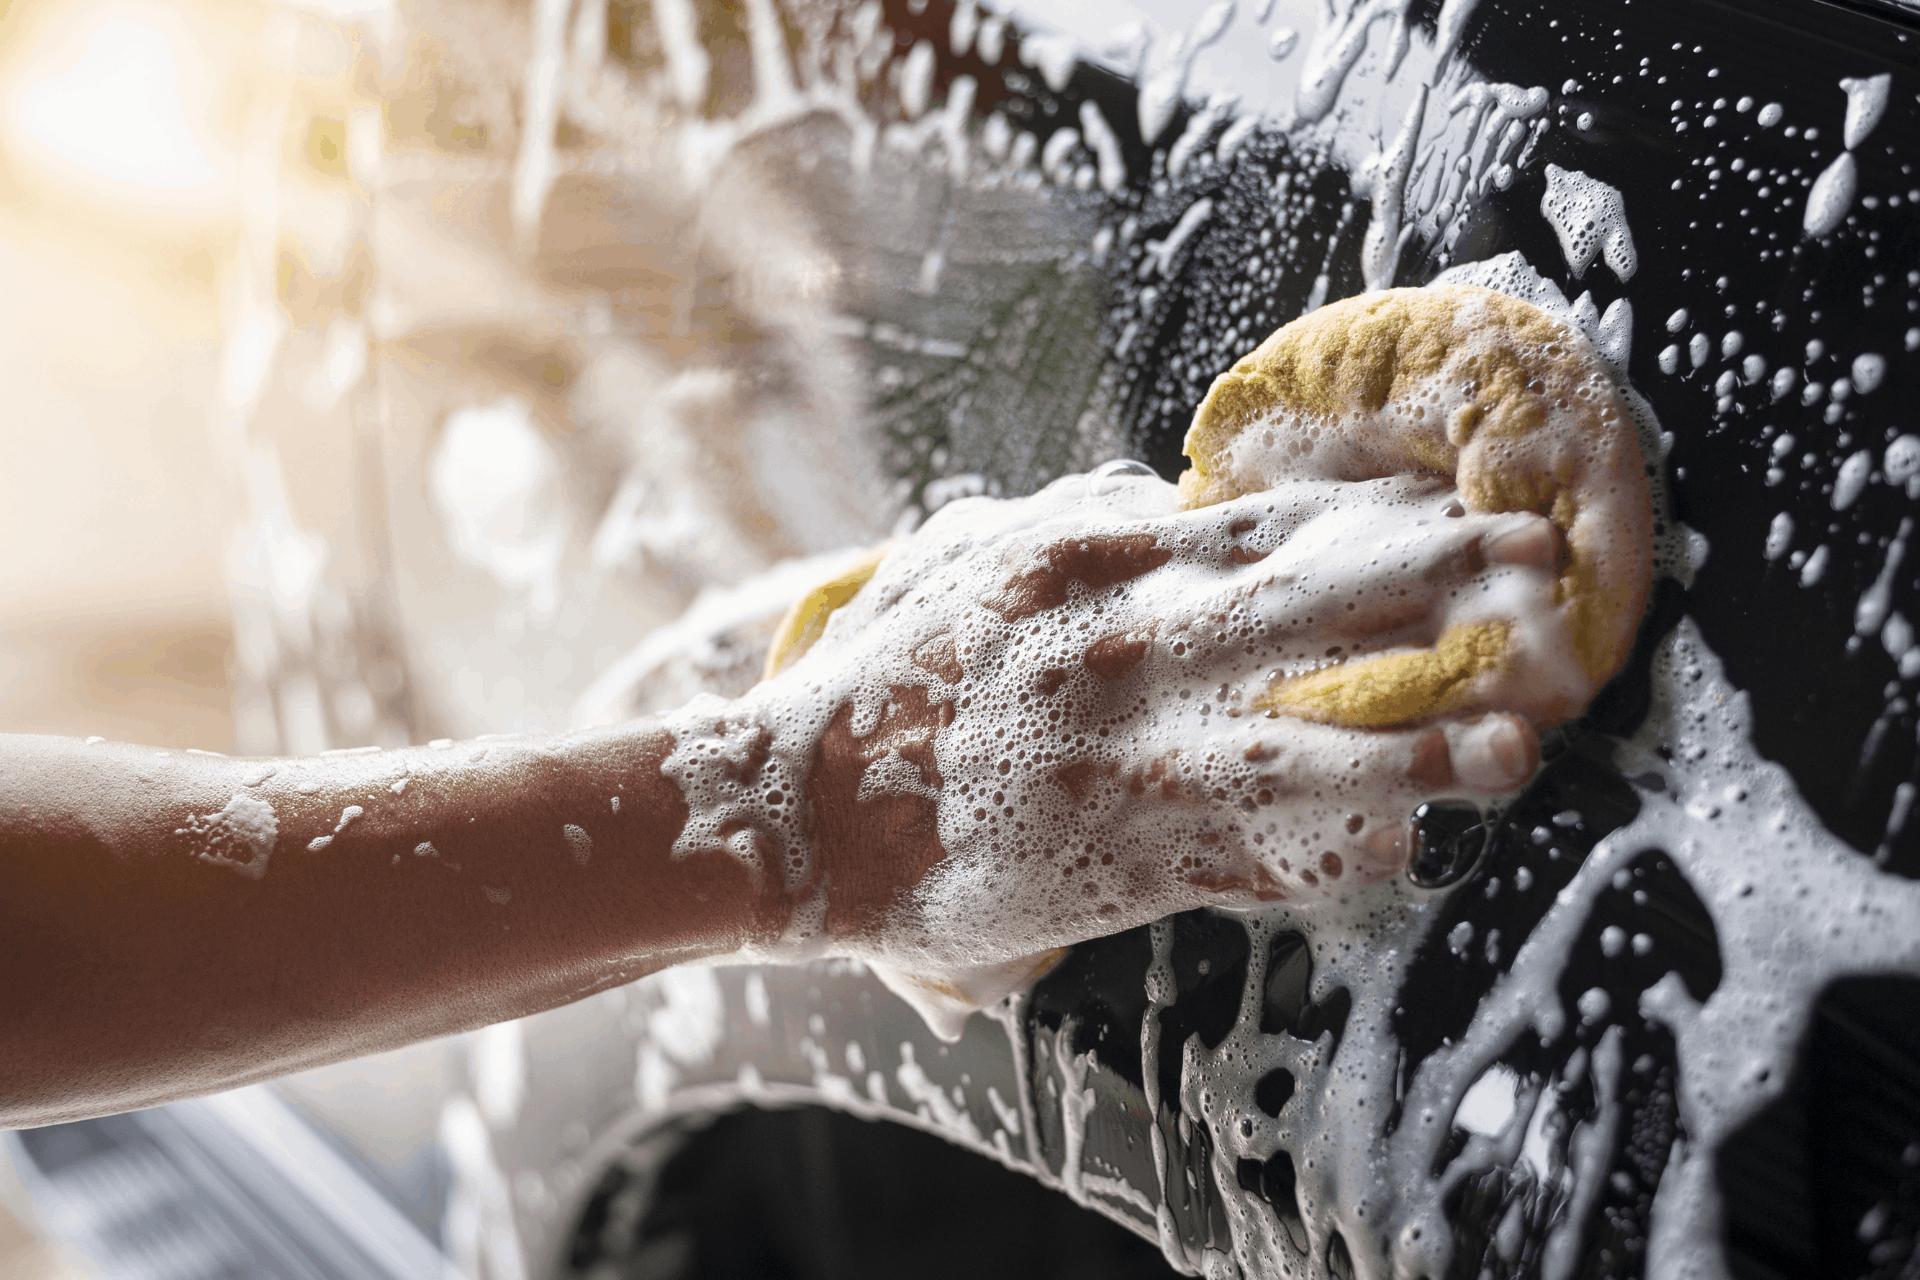 en komplet vejledning til rengØring og vedligeholdelse af biler